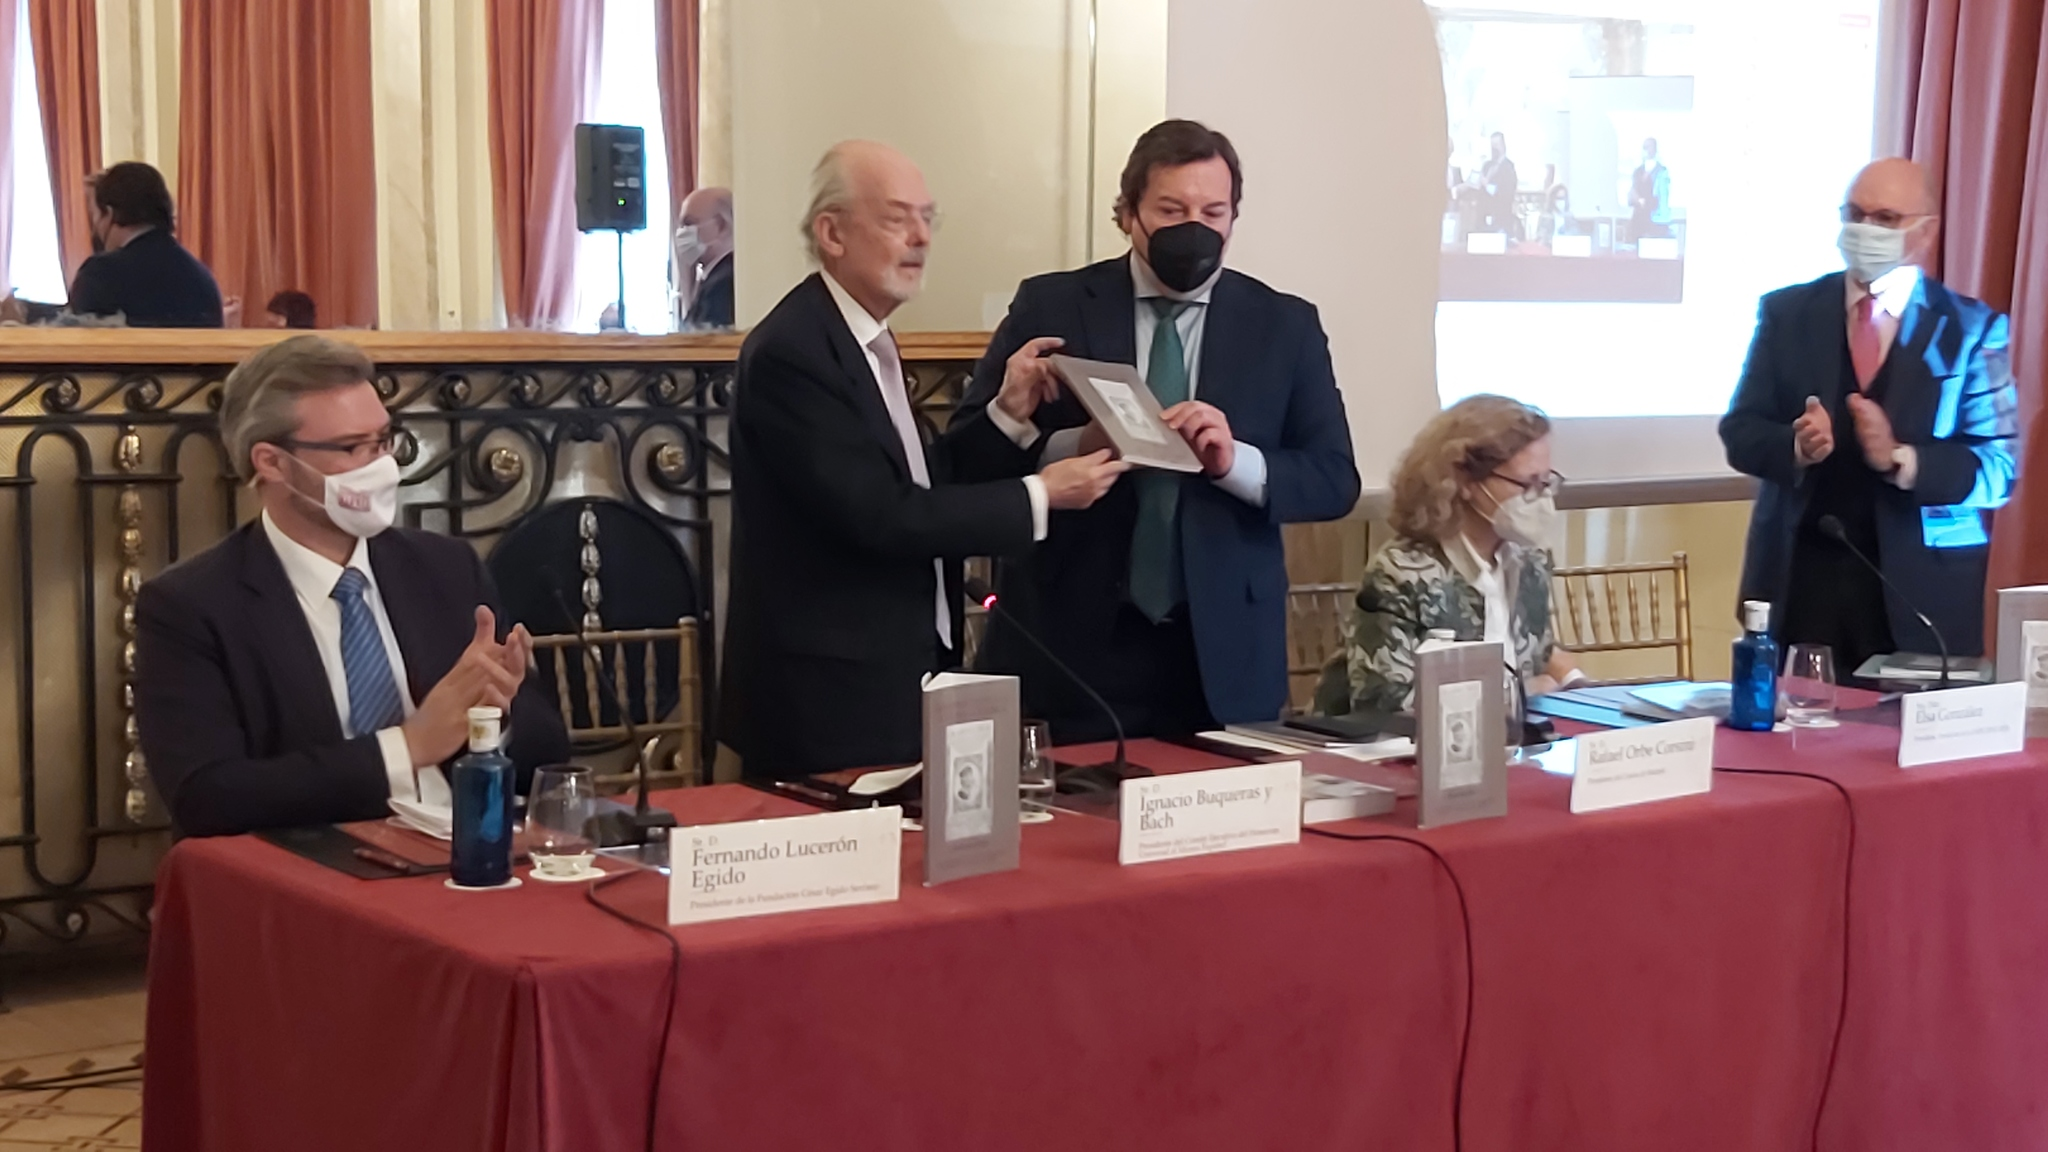 De Izda. a drcha. Fernando Lucerón Egido, Ignacio Buqueras, Rafael Orbe, Elsa Gonzalez, y Aldo Olcese.